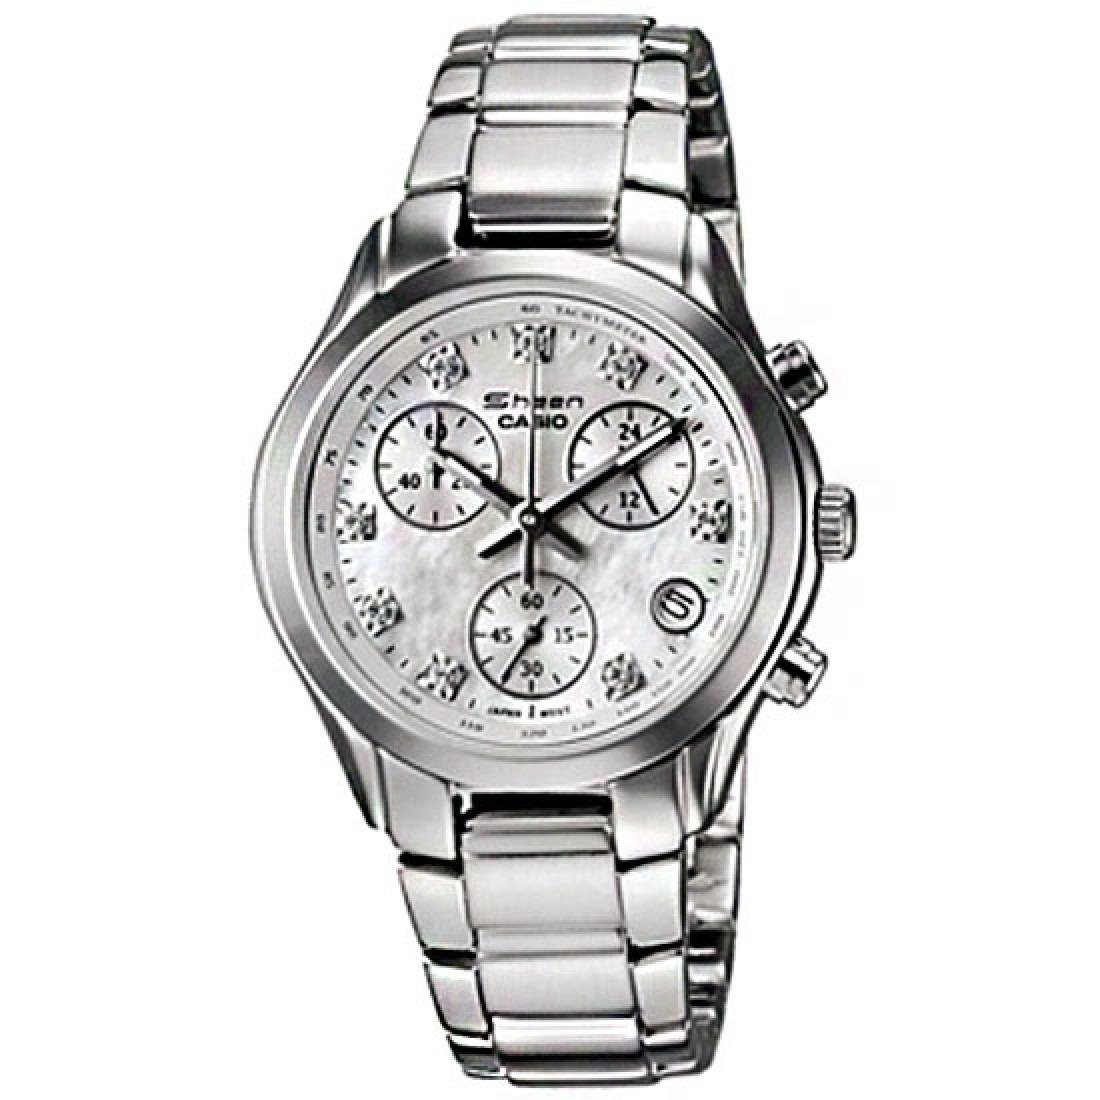 49227cd81601 reloj casio edifice mujer shn-5000d-1a envío internacional. Cargando zoom.